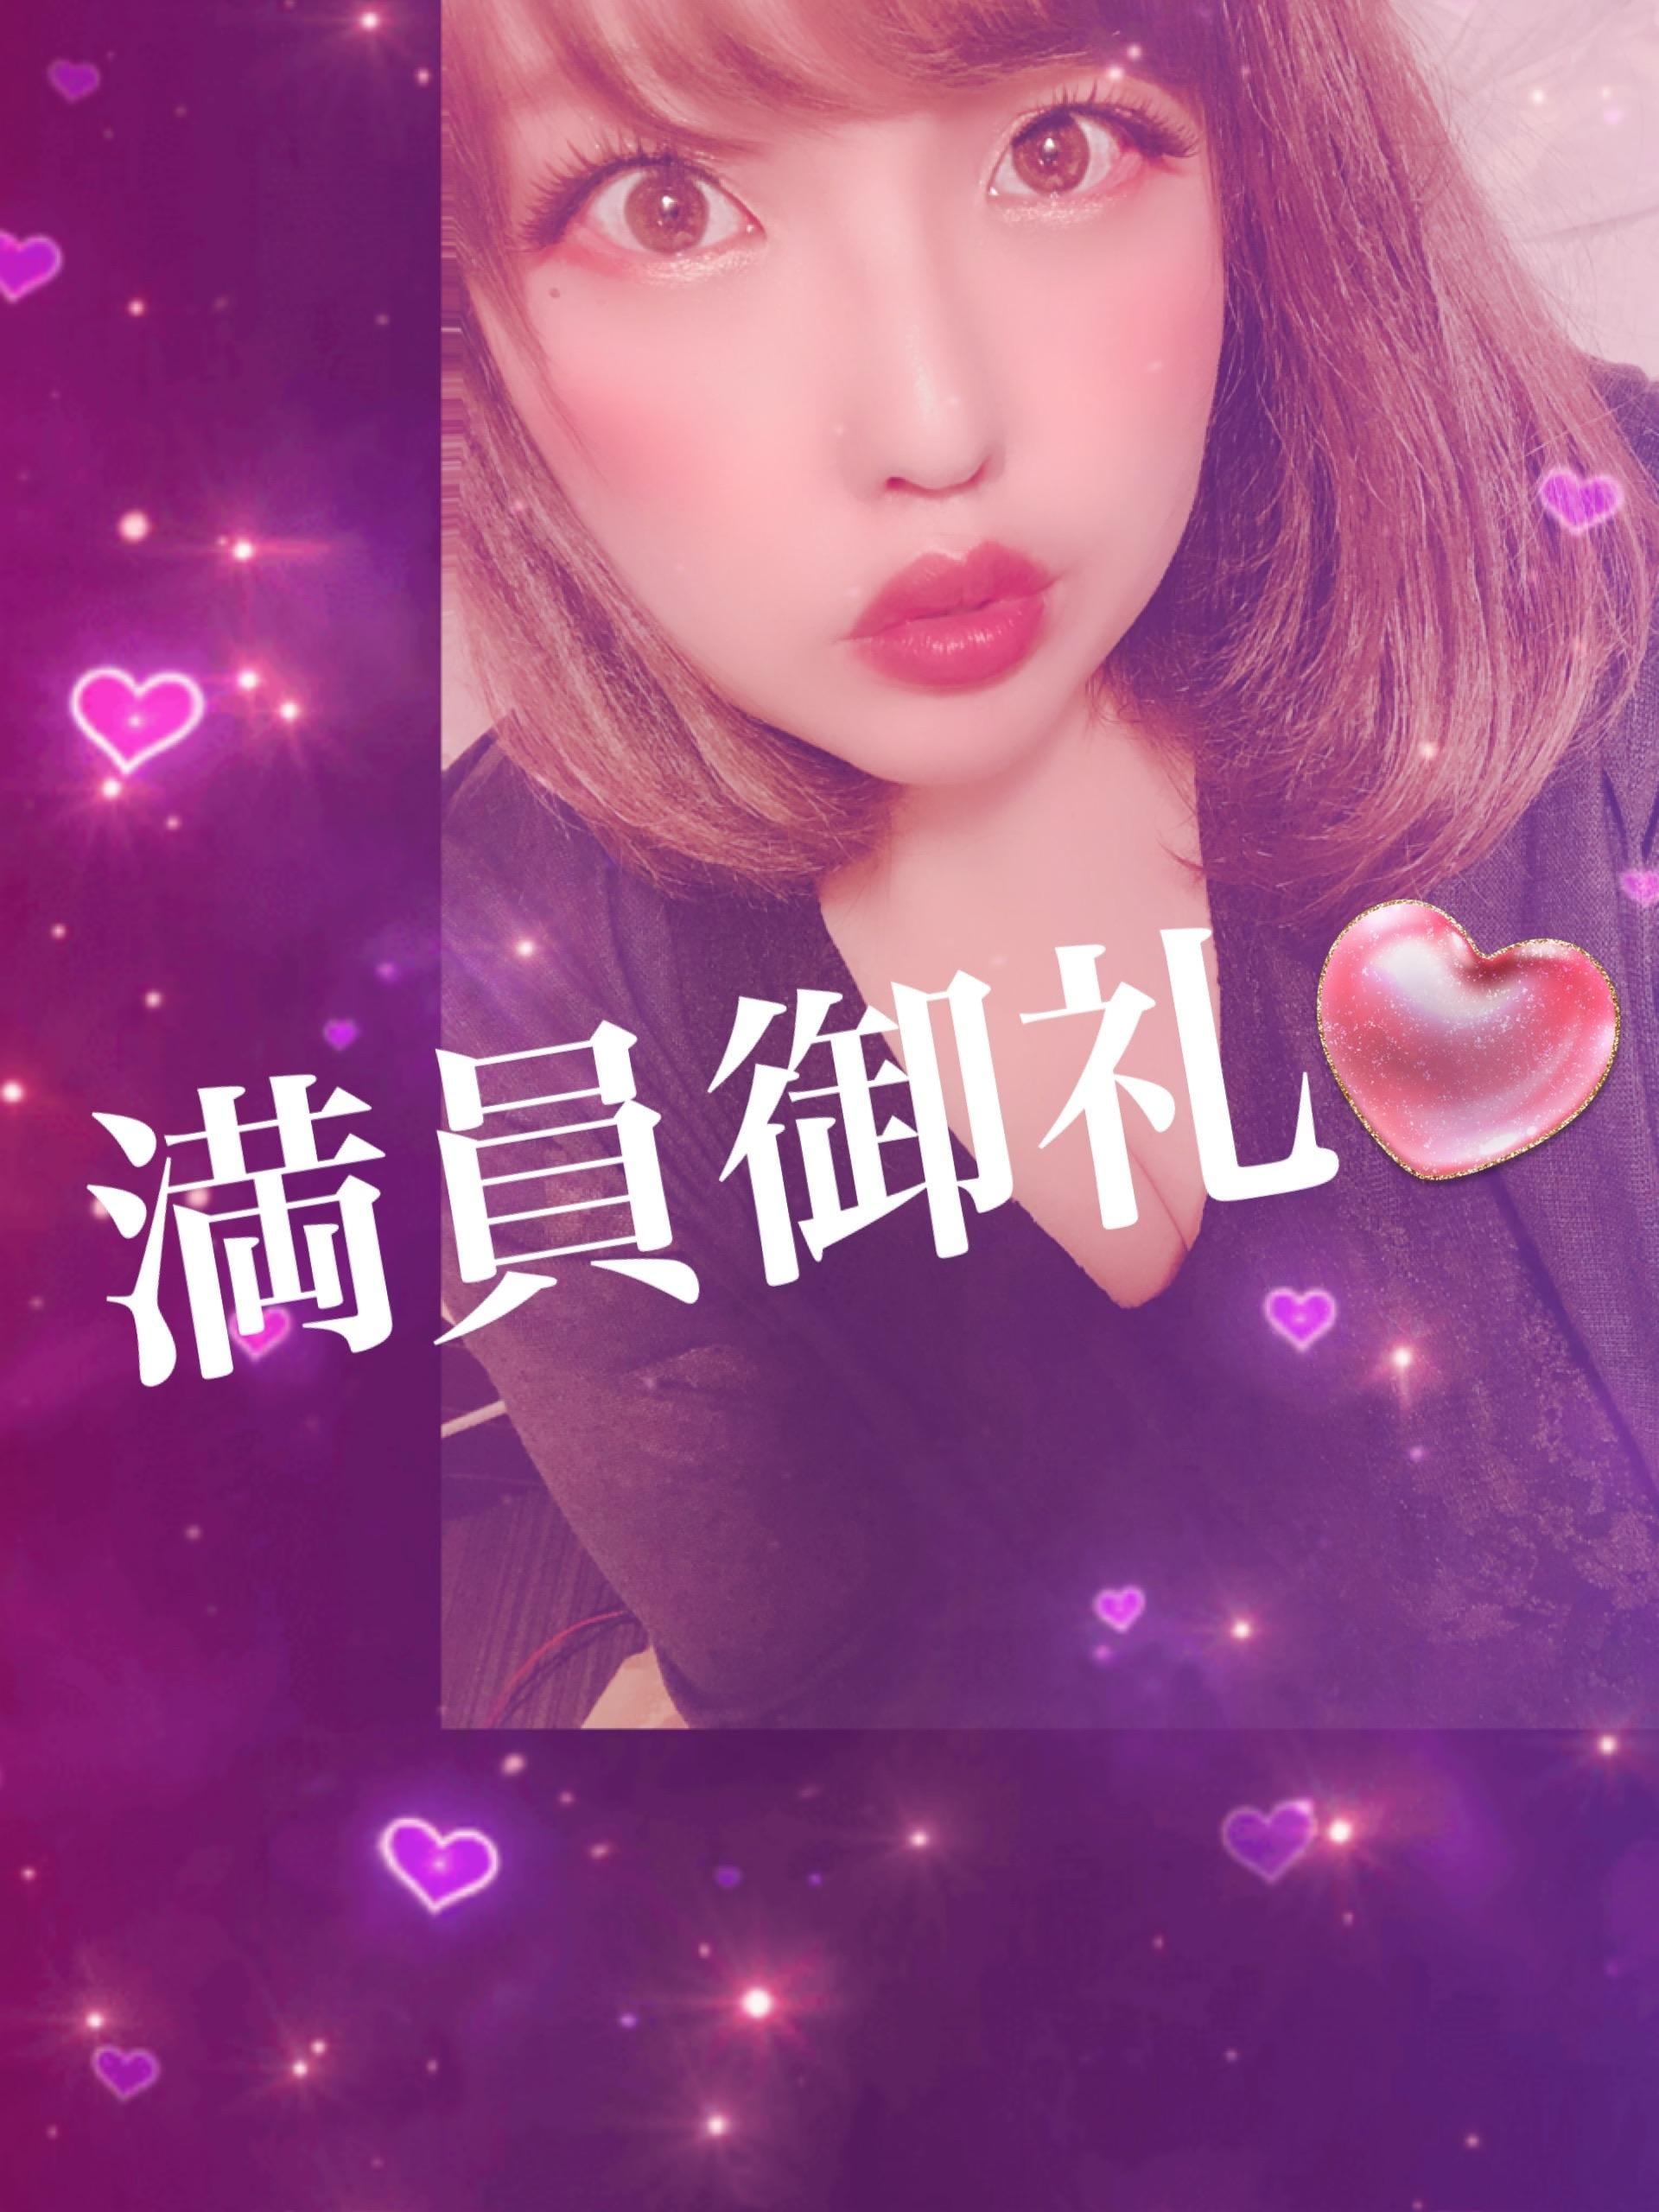 「満員御礼〜!!」06/01(月) 21:10 | あんの写メ・風俗動画